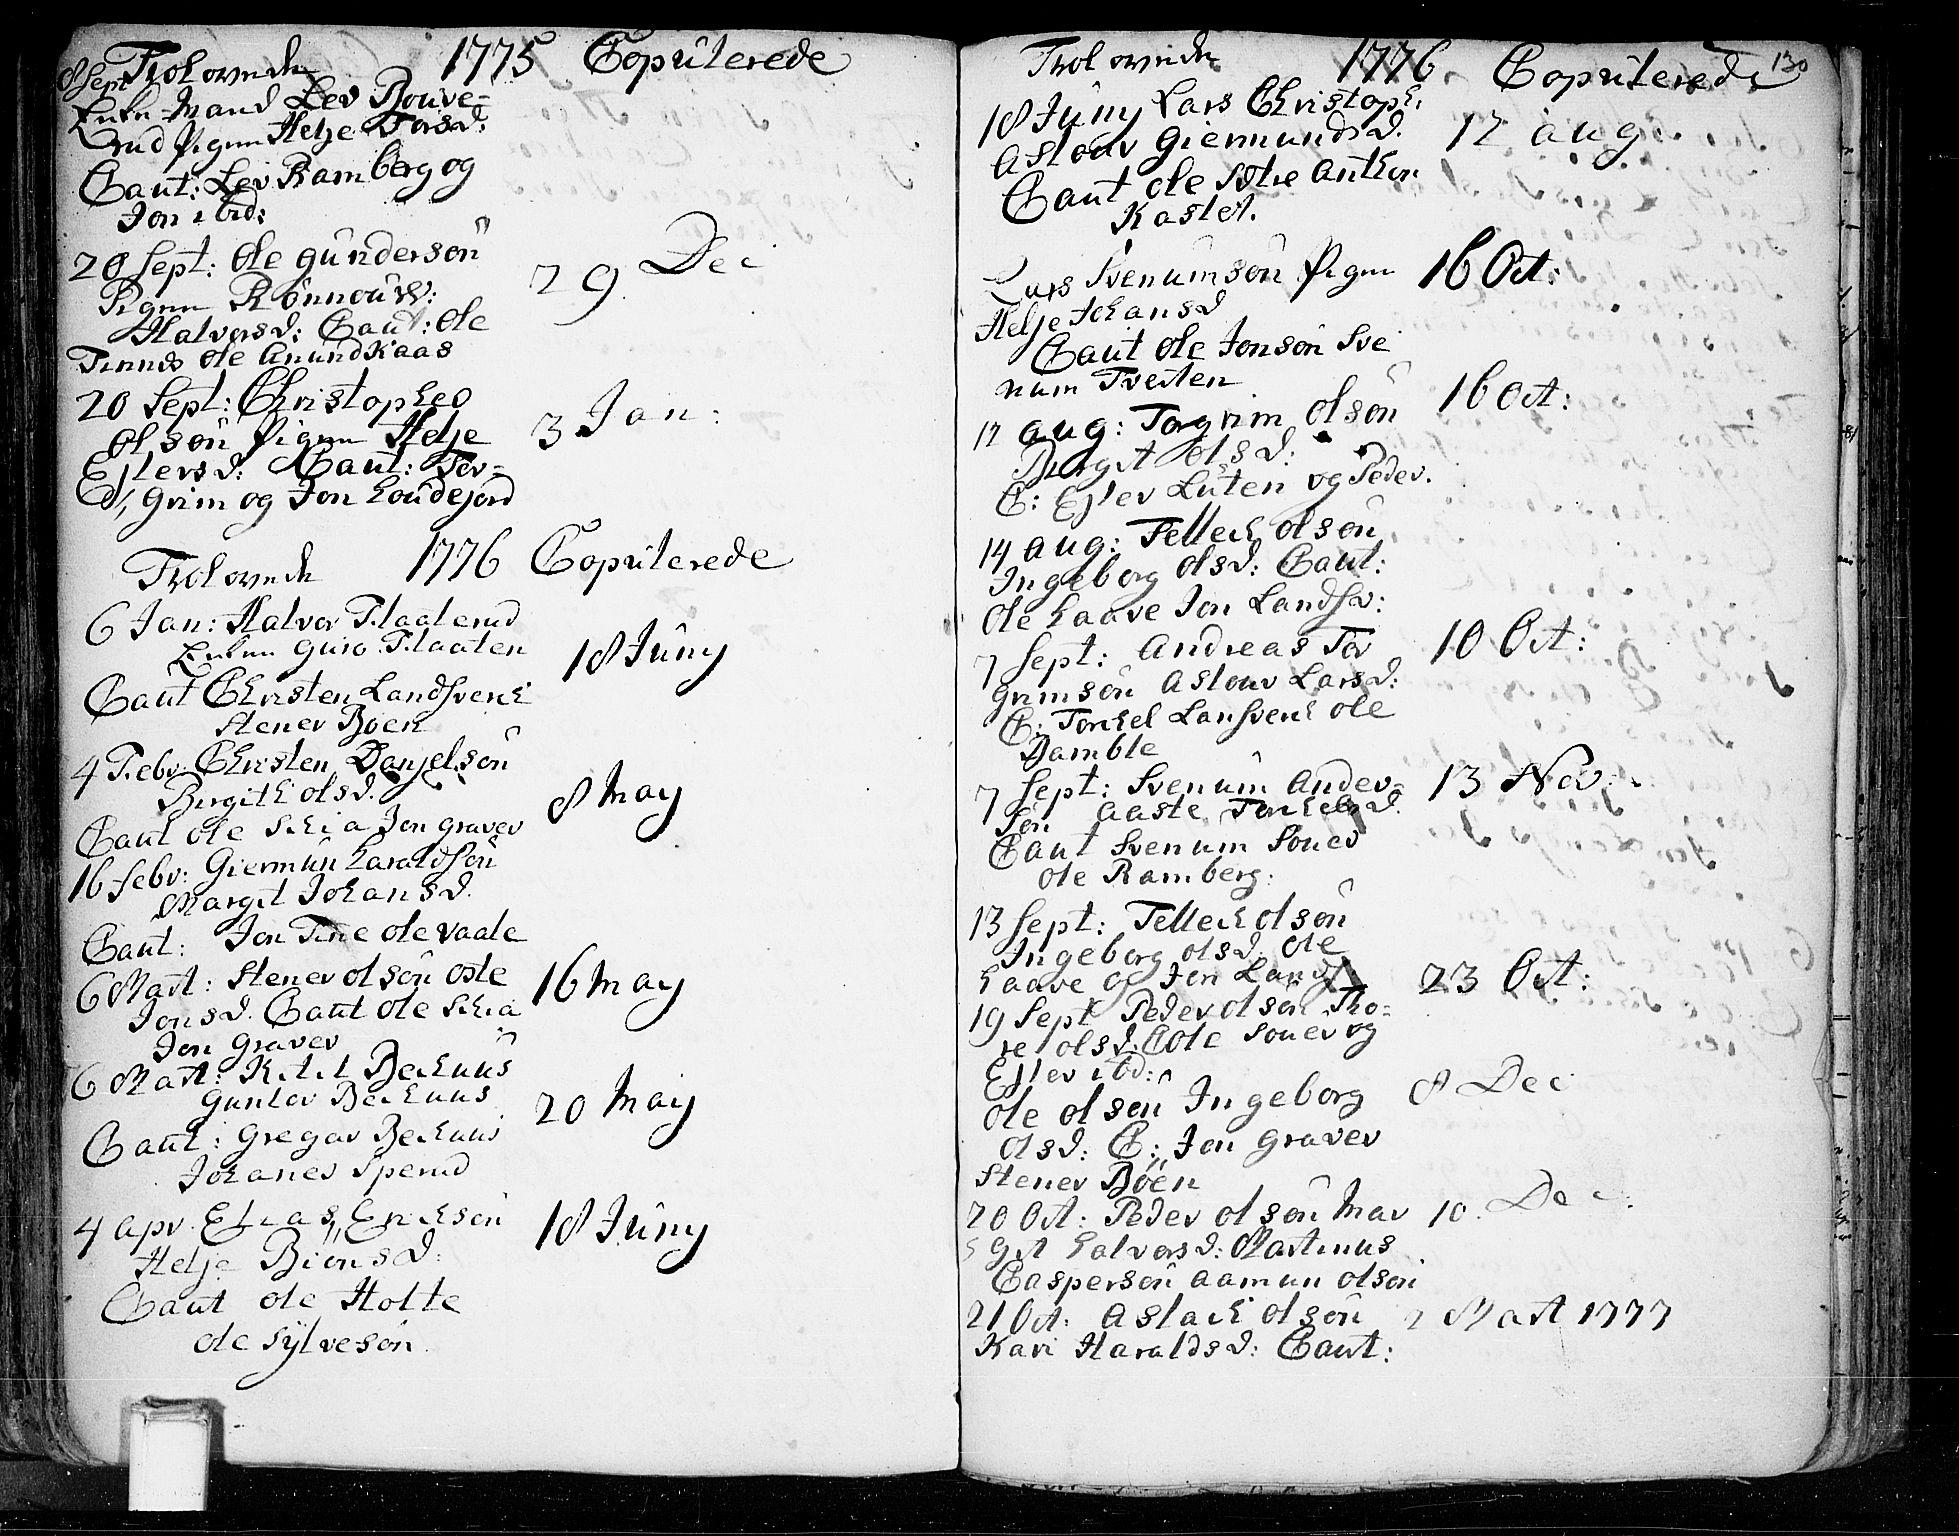 SAKO, Heddal kirkebøker, F/Fa/L0003: Ministerialbok nr. I 3, 1723-1783, s. 130